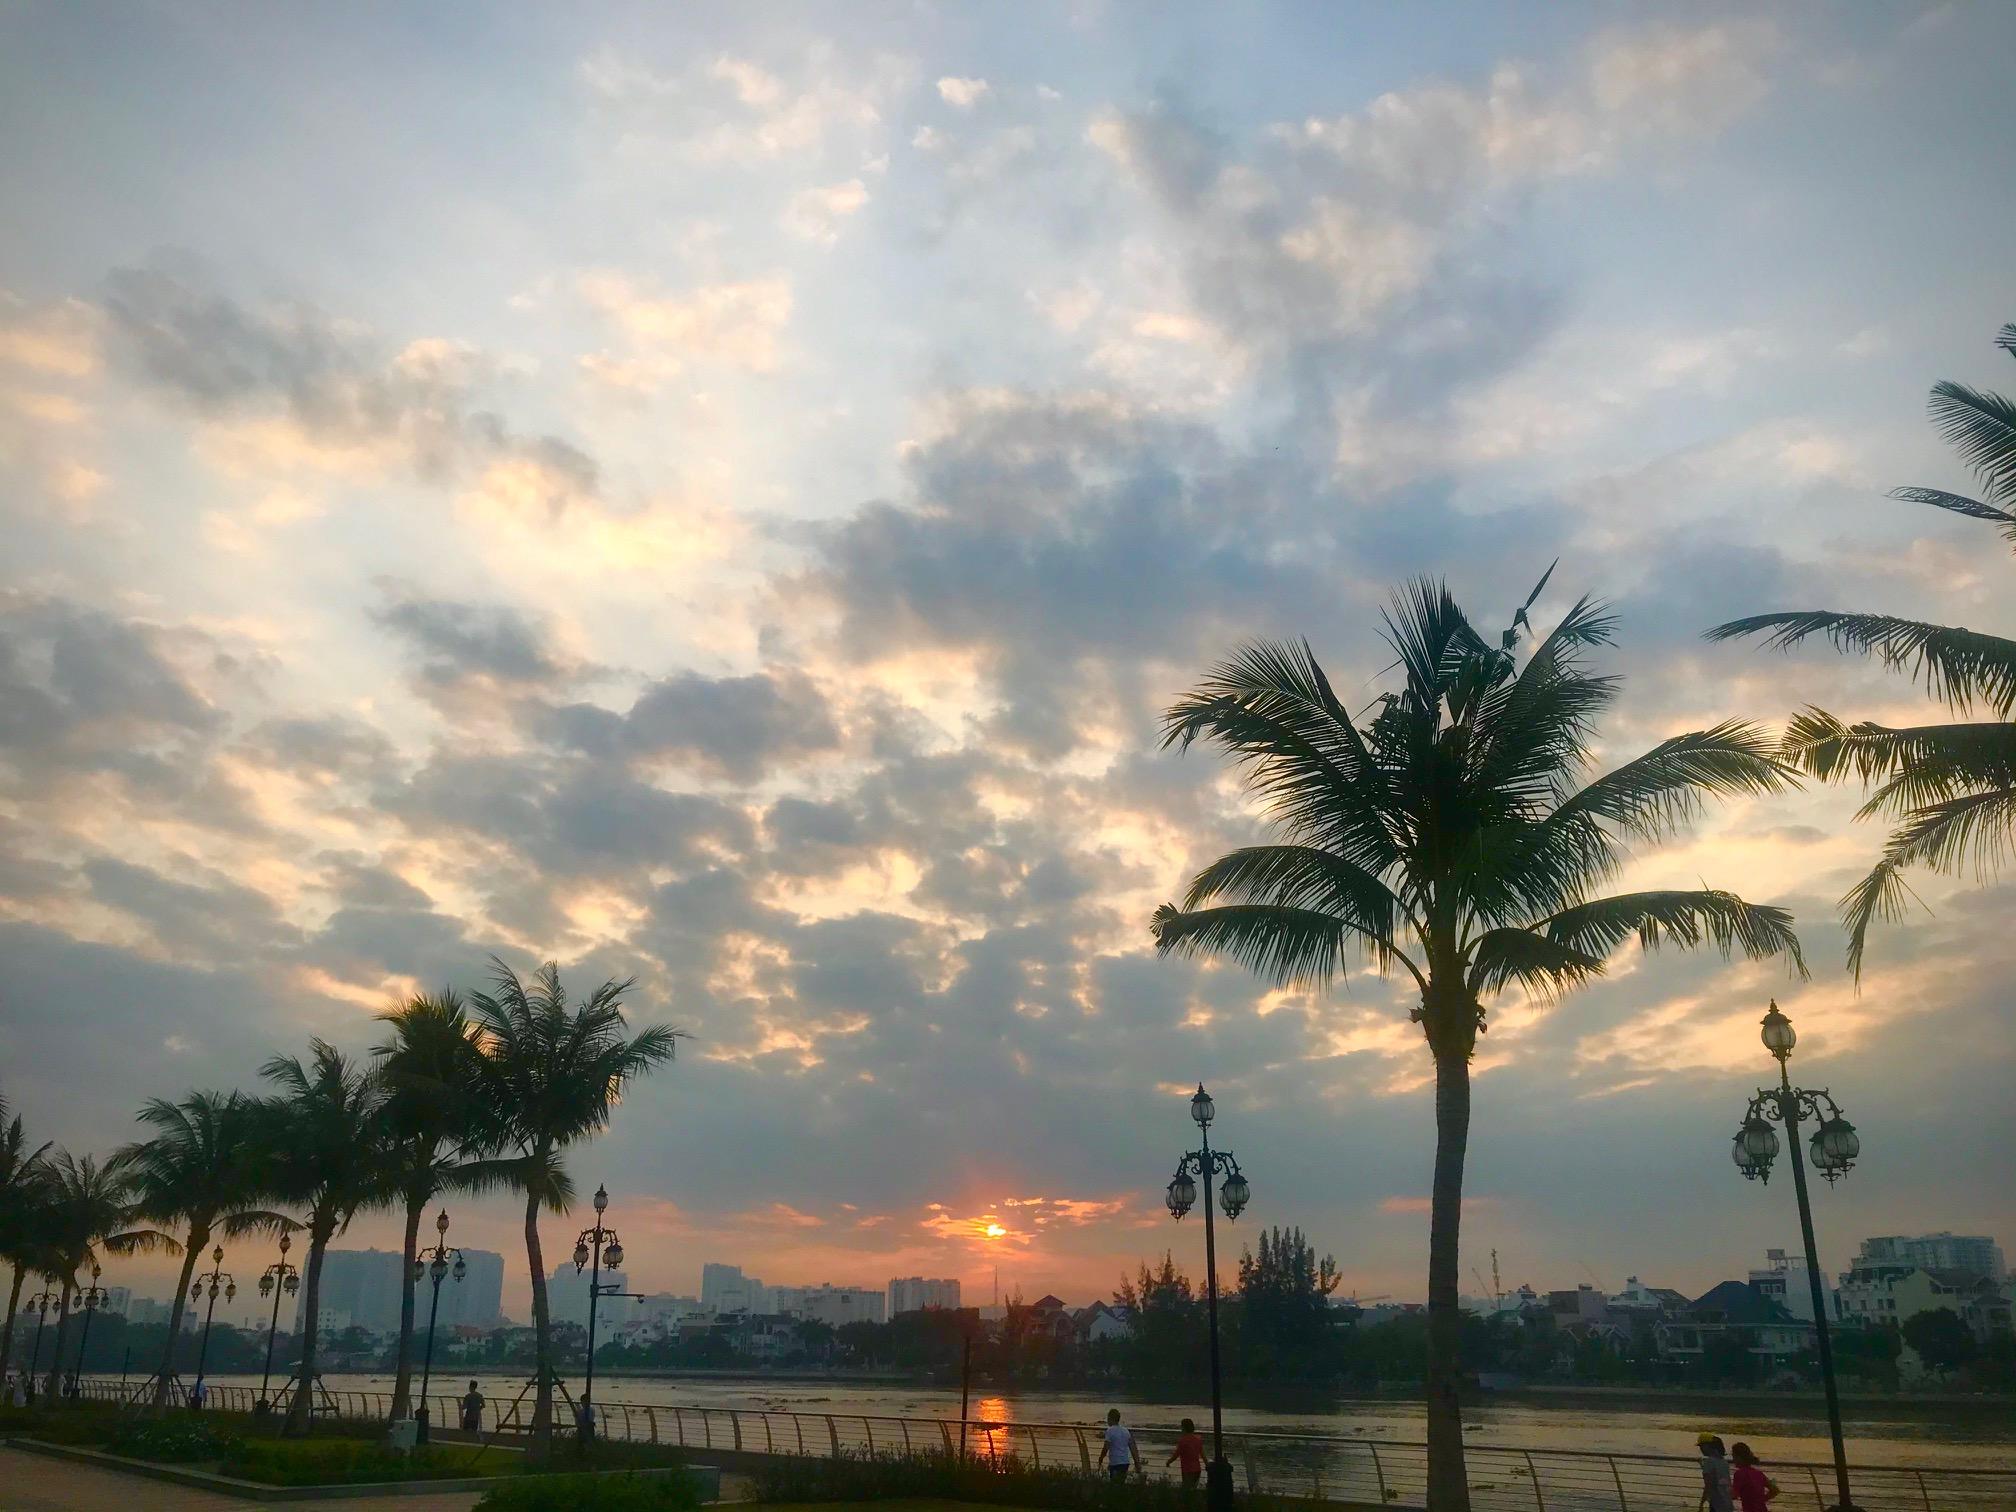 sunrise may 12